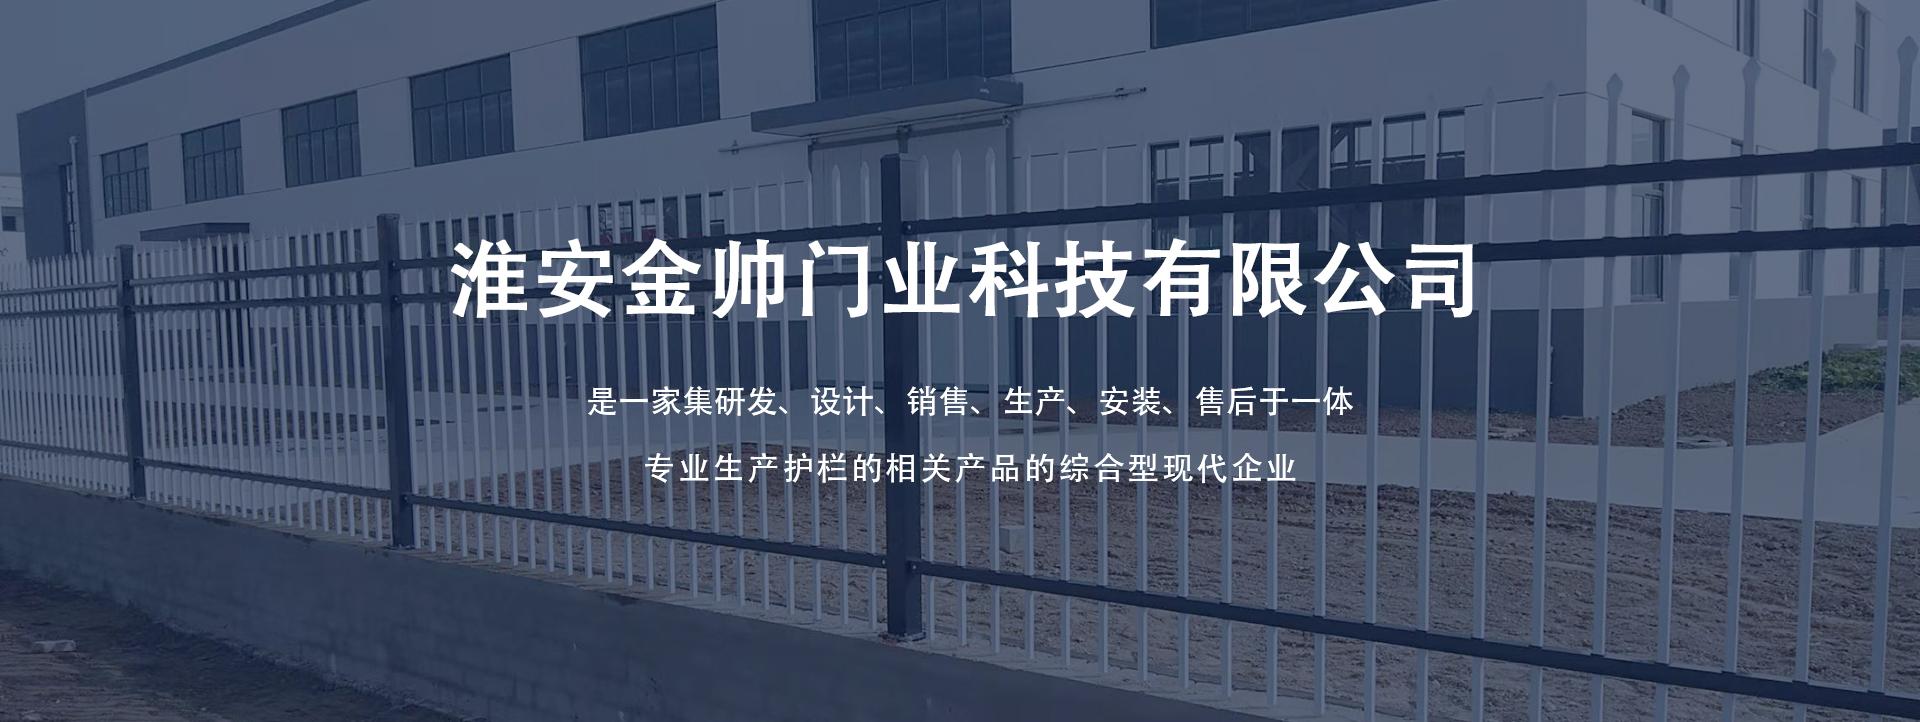 护栏生产厂家